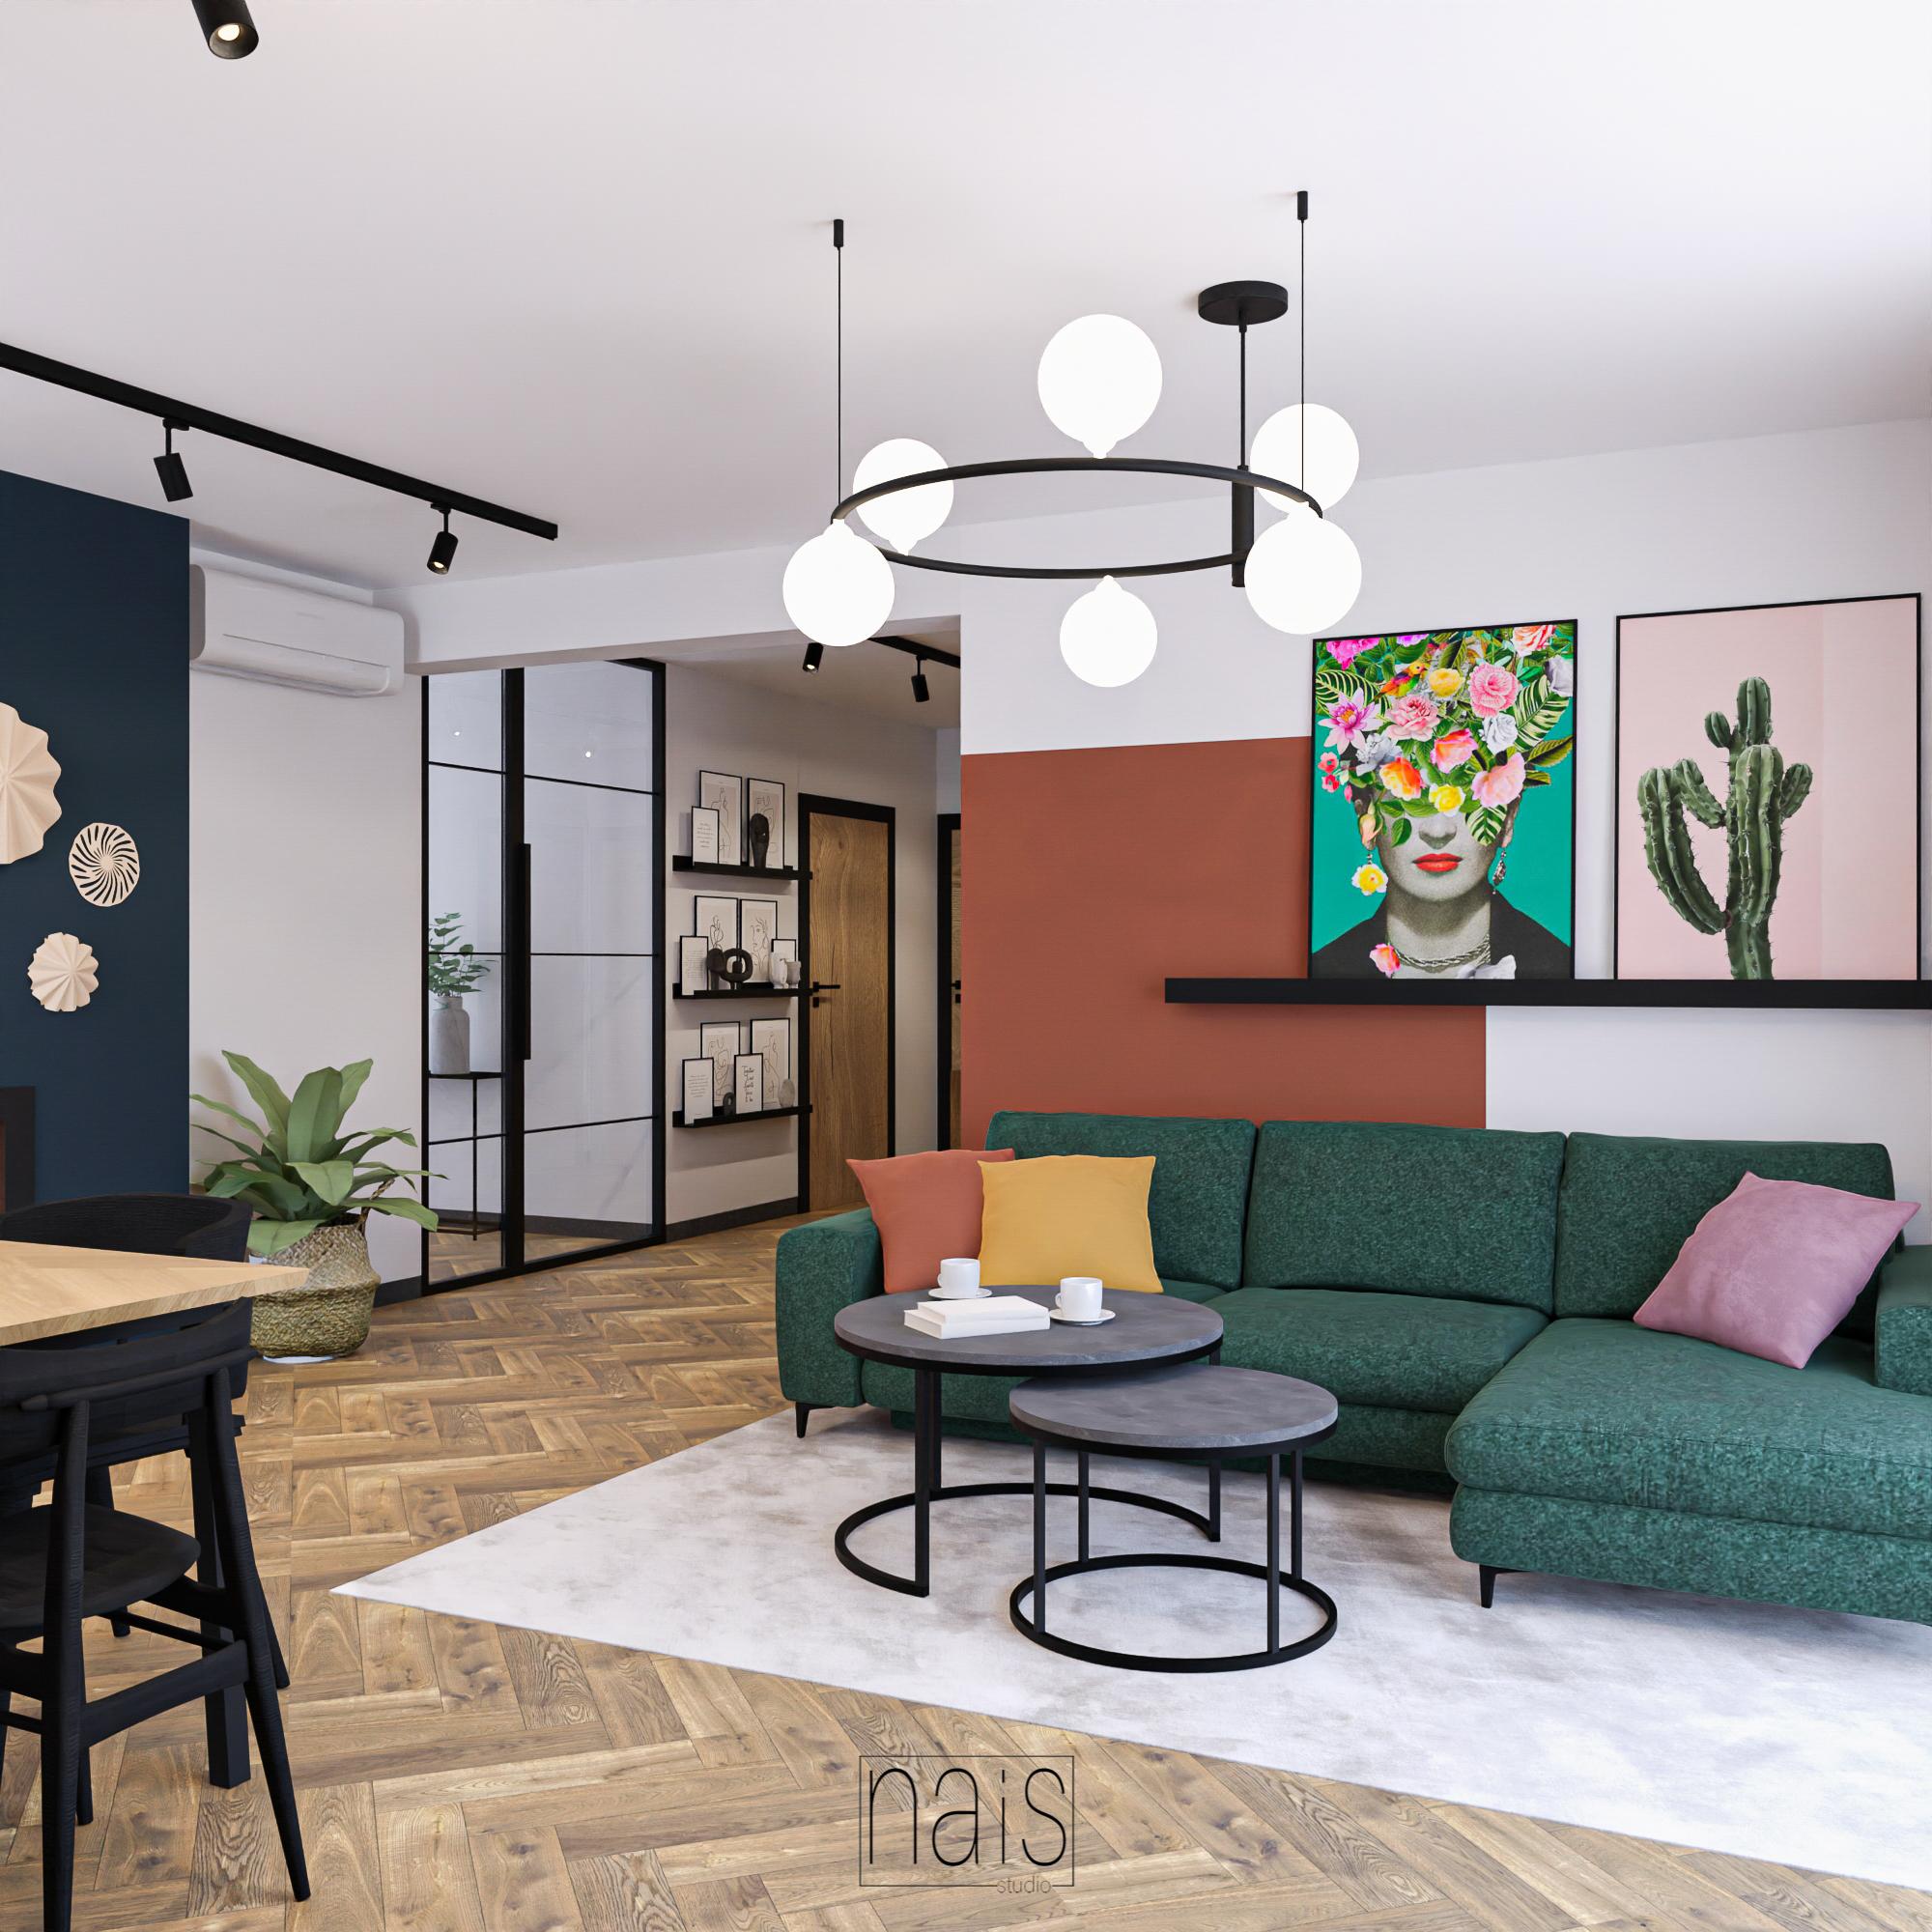 kolorowy-salon-zielony-naroznik-sciana-pomalowana-grafiki-nad-sofa-przeszklone